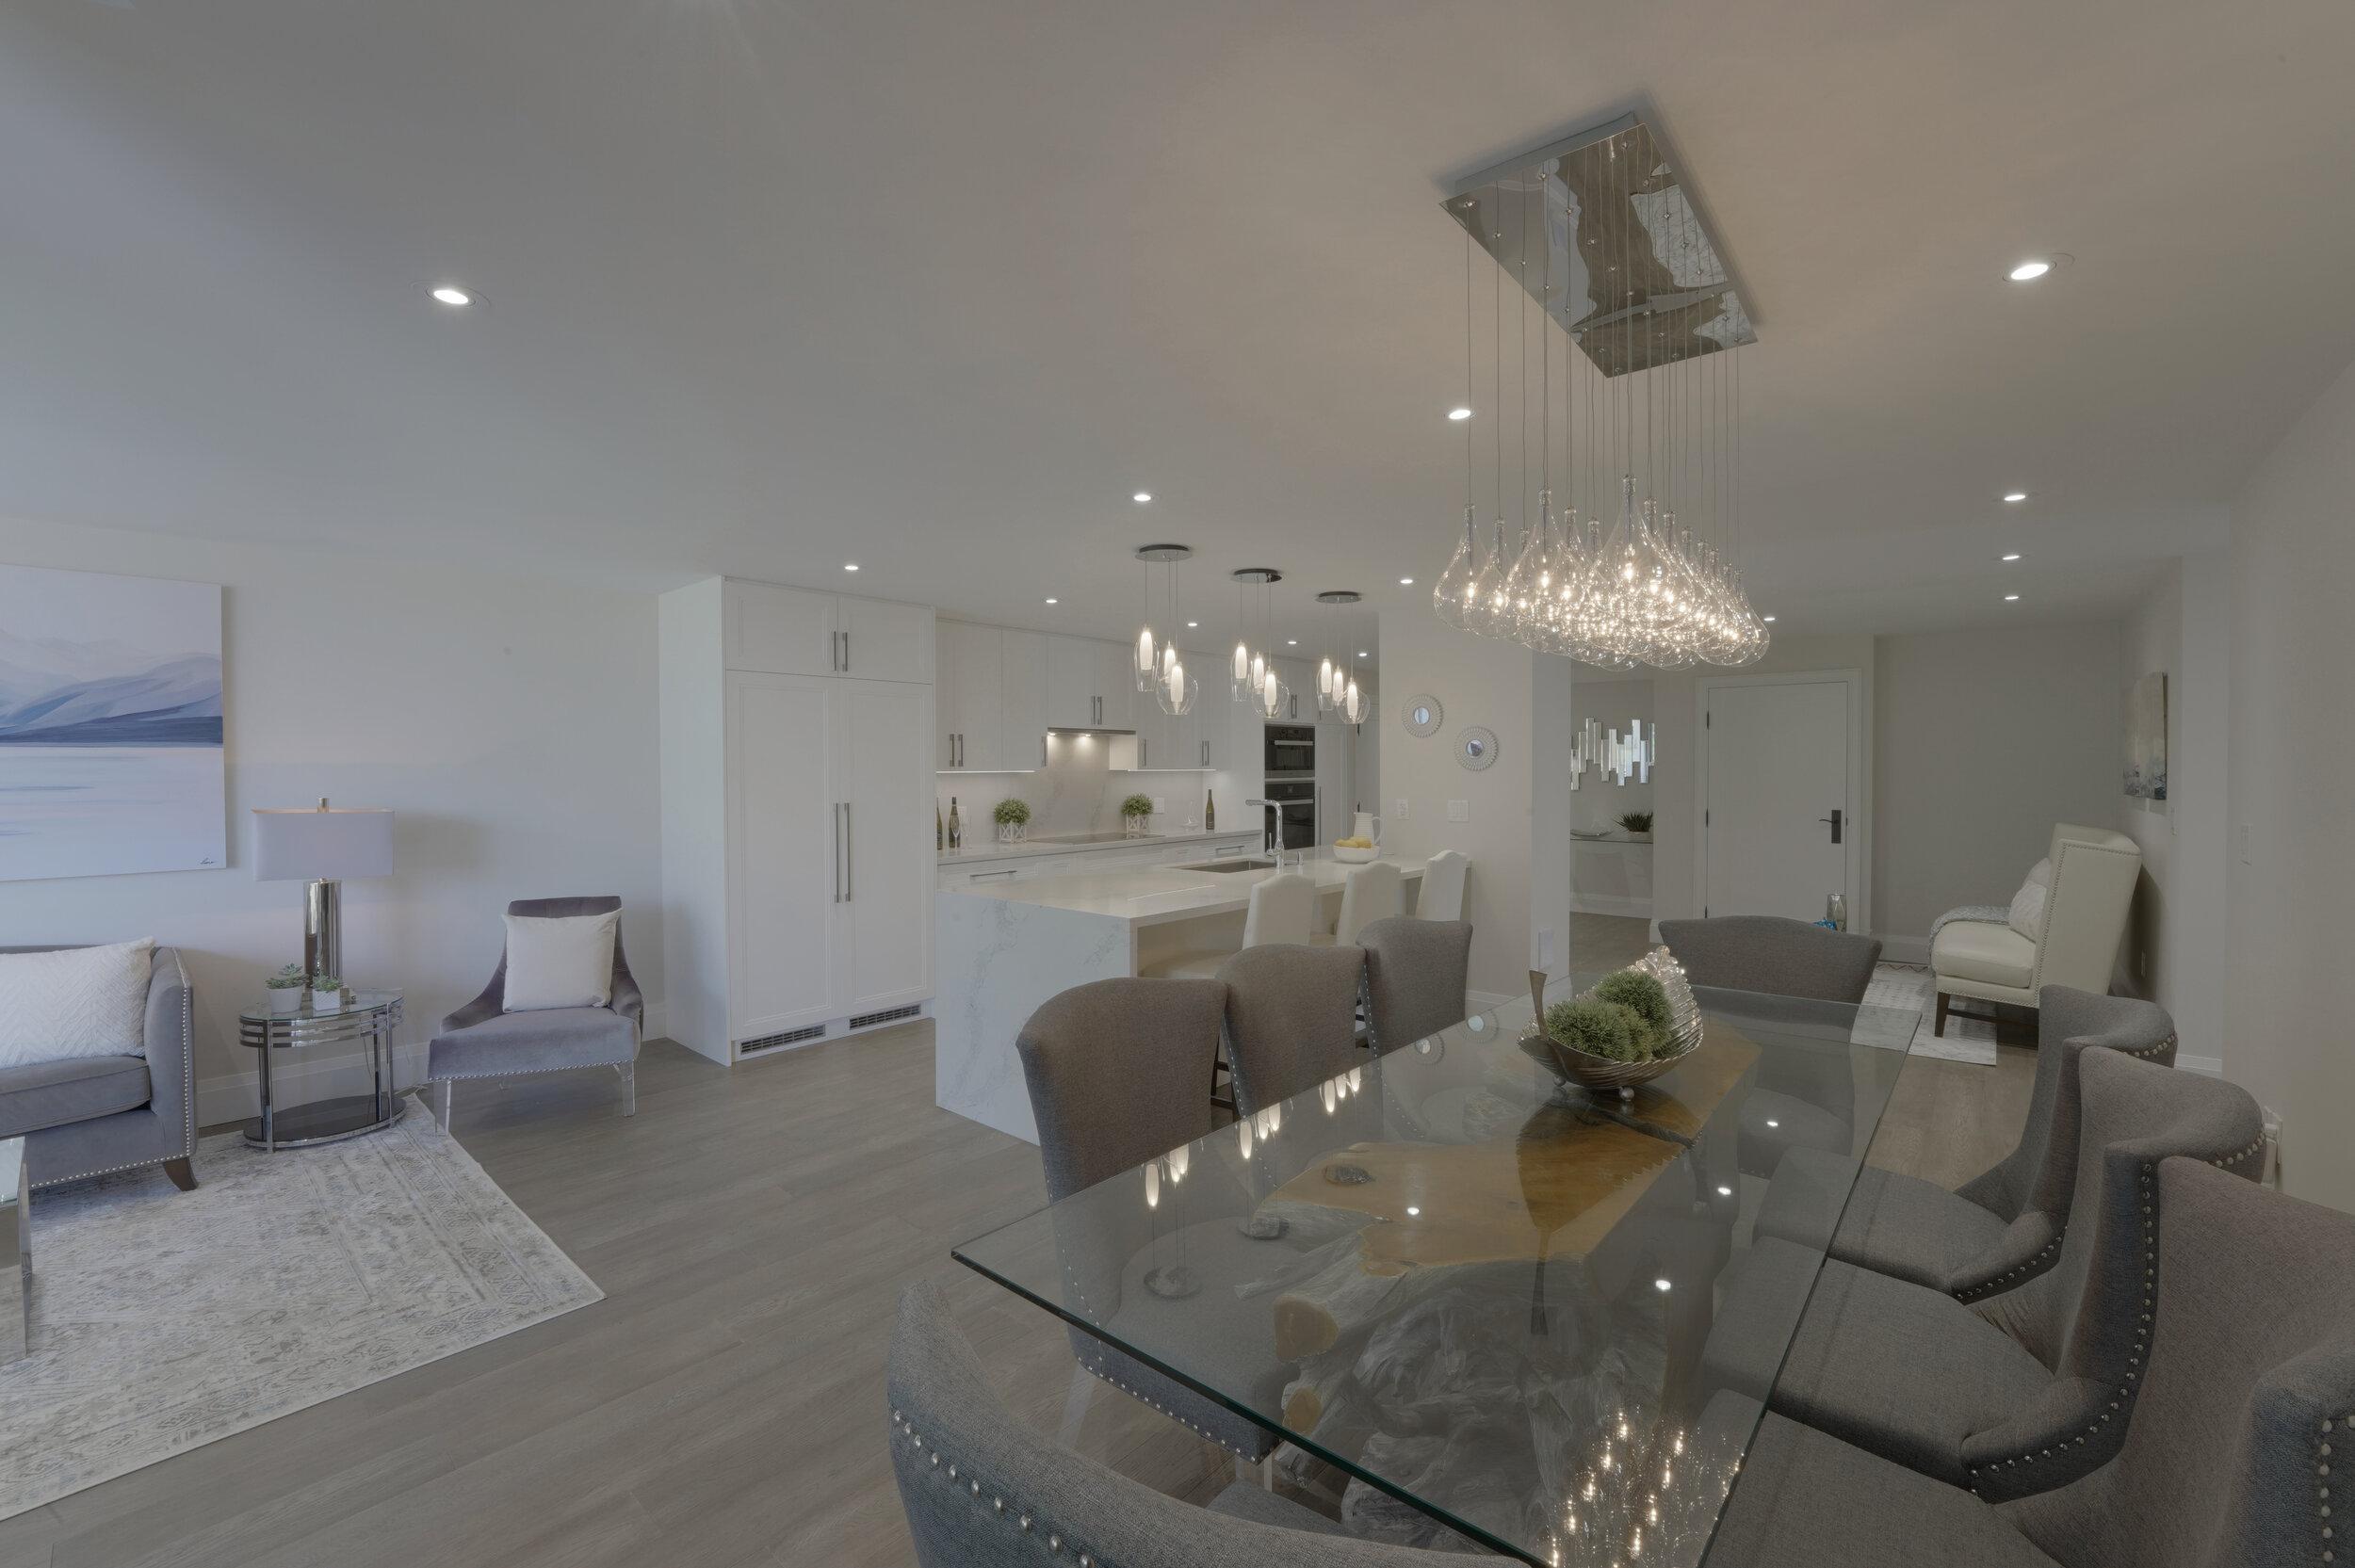 07 - Living Room 3 - DSC00597_598_599_600_601.jpg